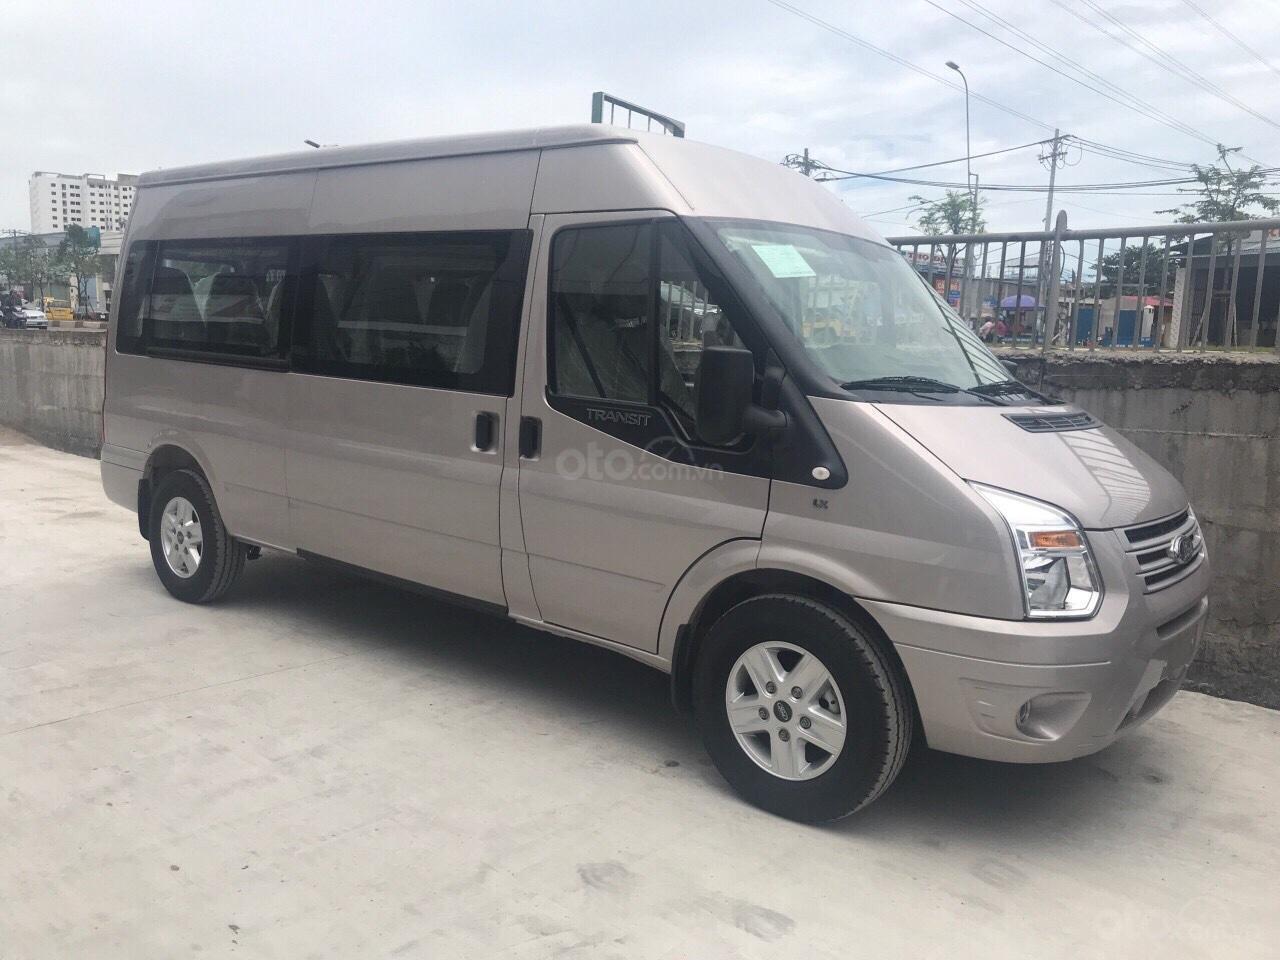 Bán Transit 2019, giao xe ngay hỗ trợ vay 5-7 năm 80-90% giá trị xe tặng ngay hộp đen - lót sàn giả gỗ - bọc trần-0